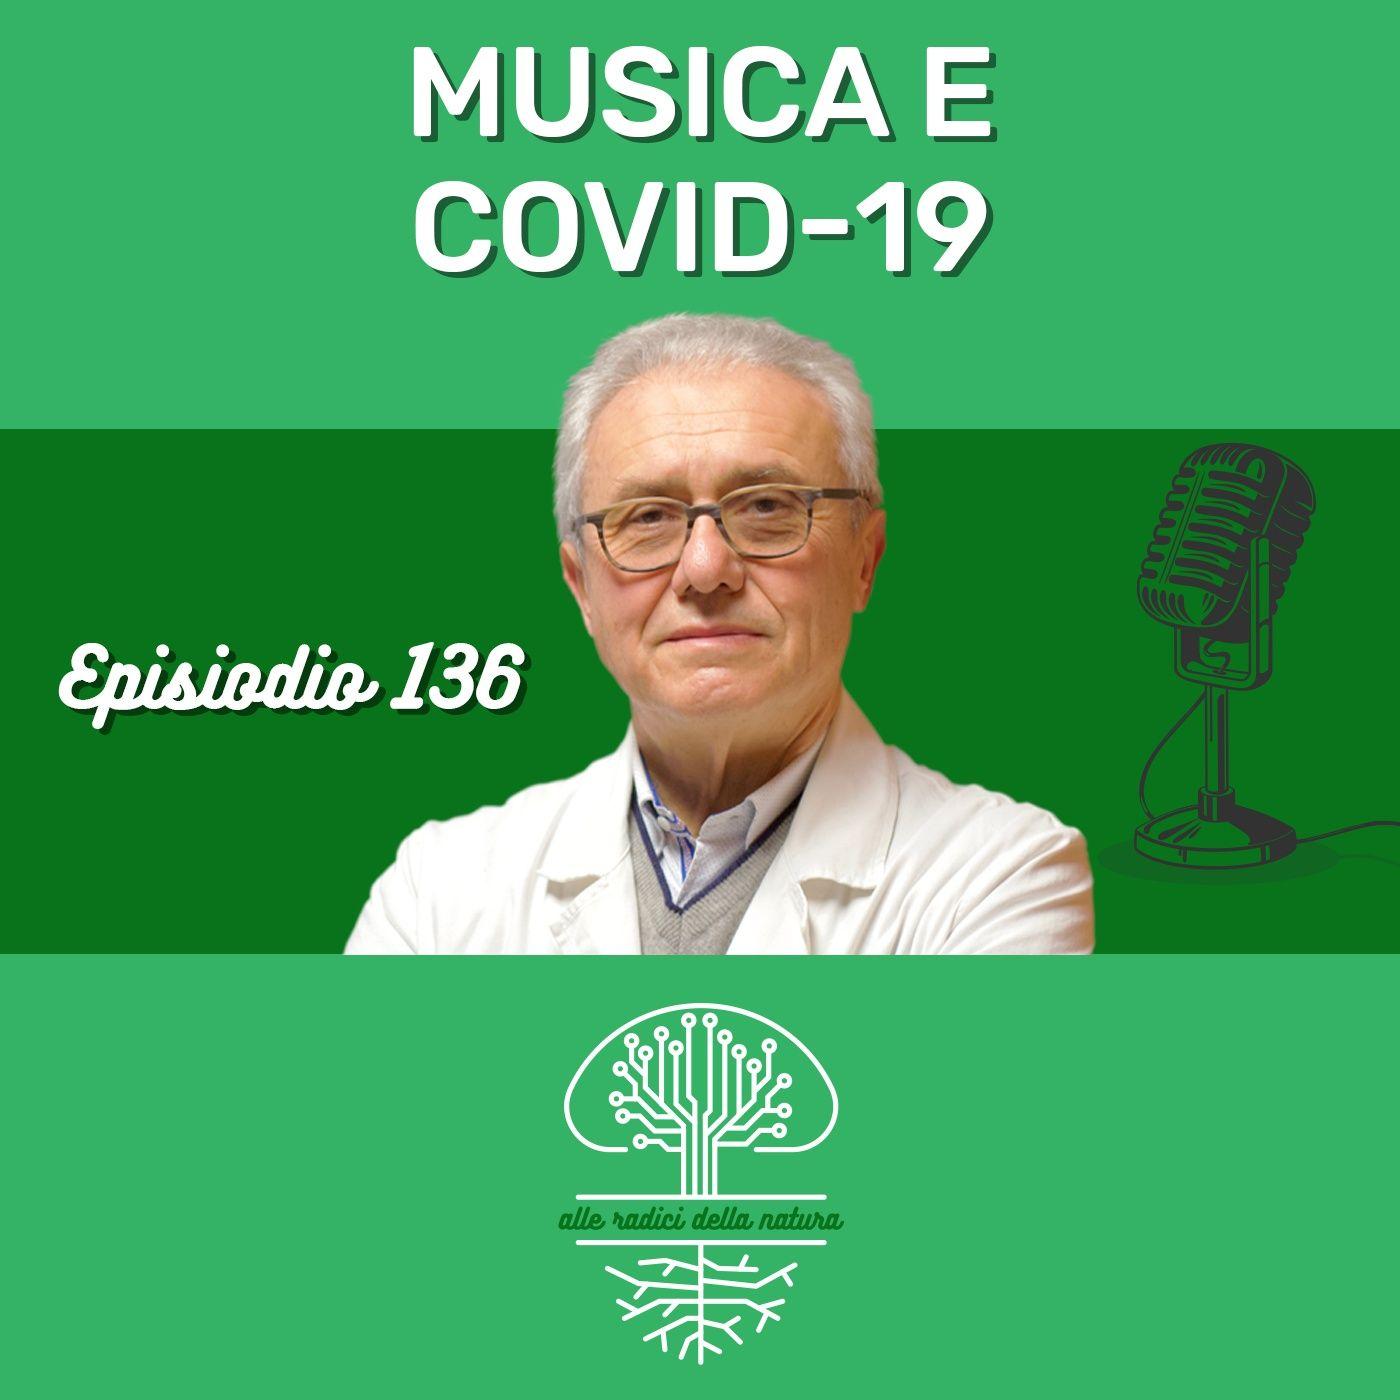 Musica e Covid-19